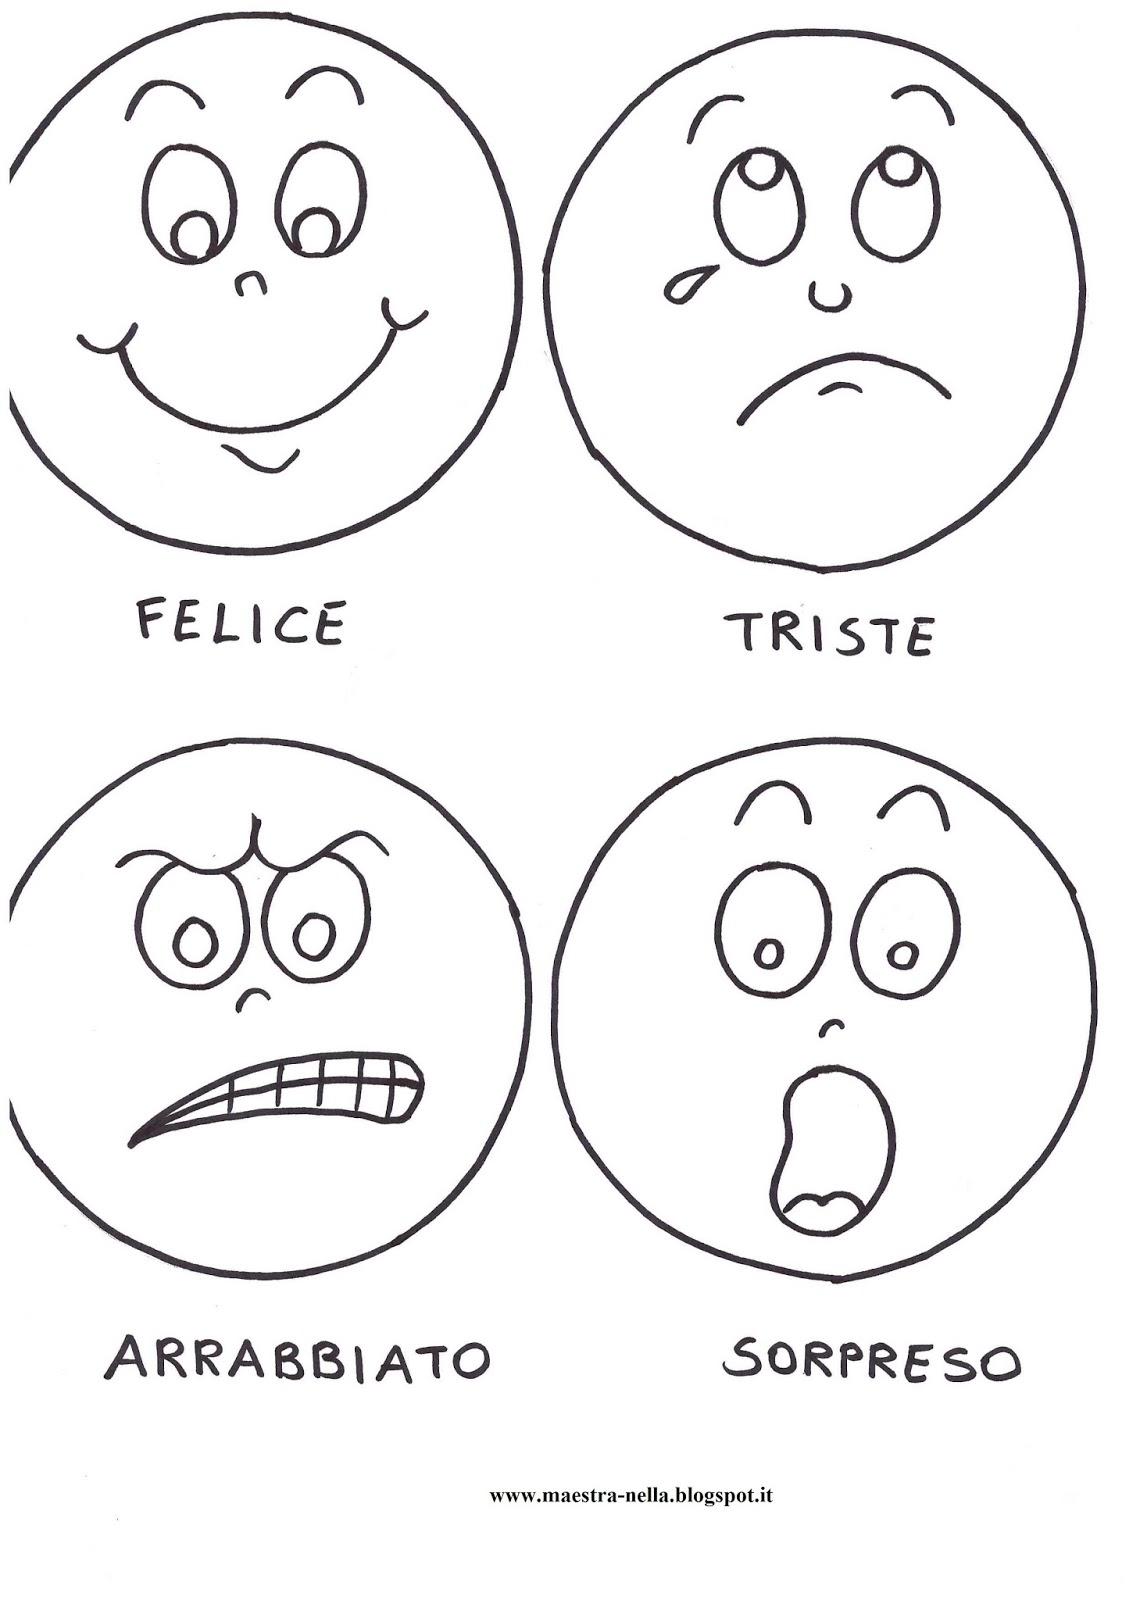 la paletta delle emozioni